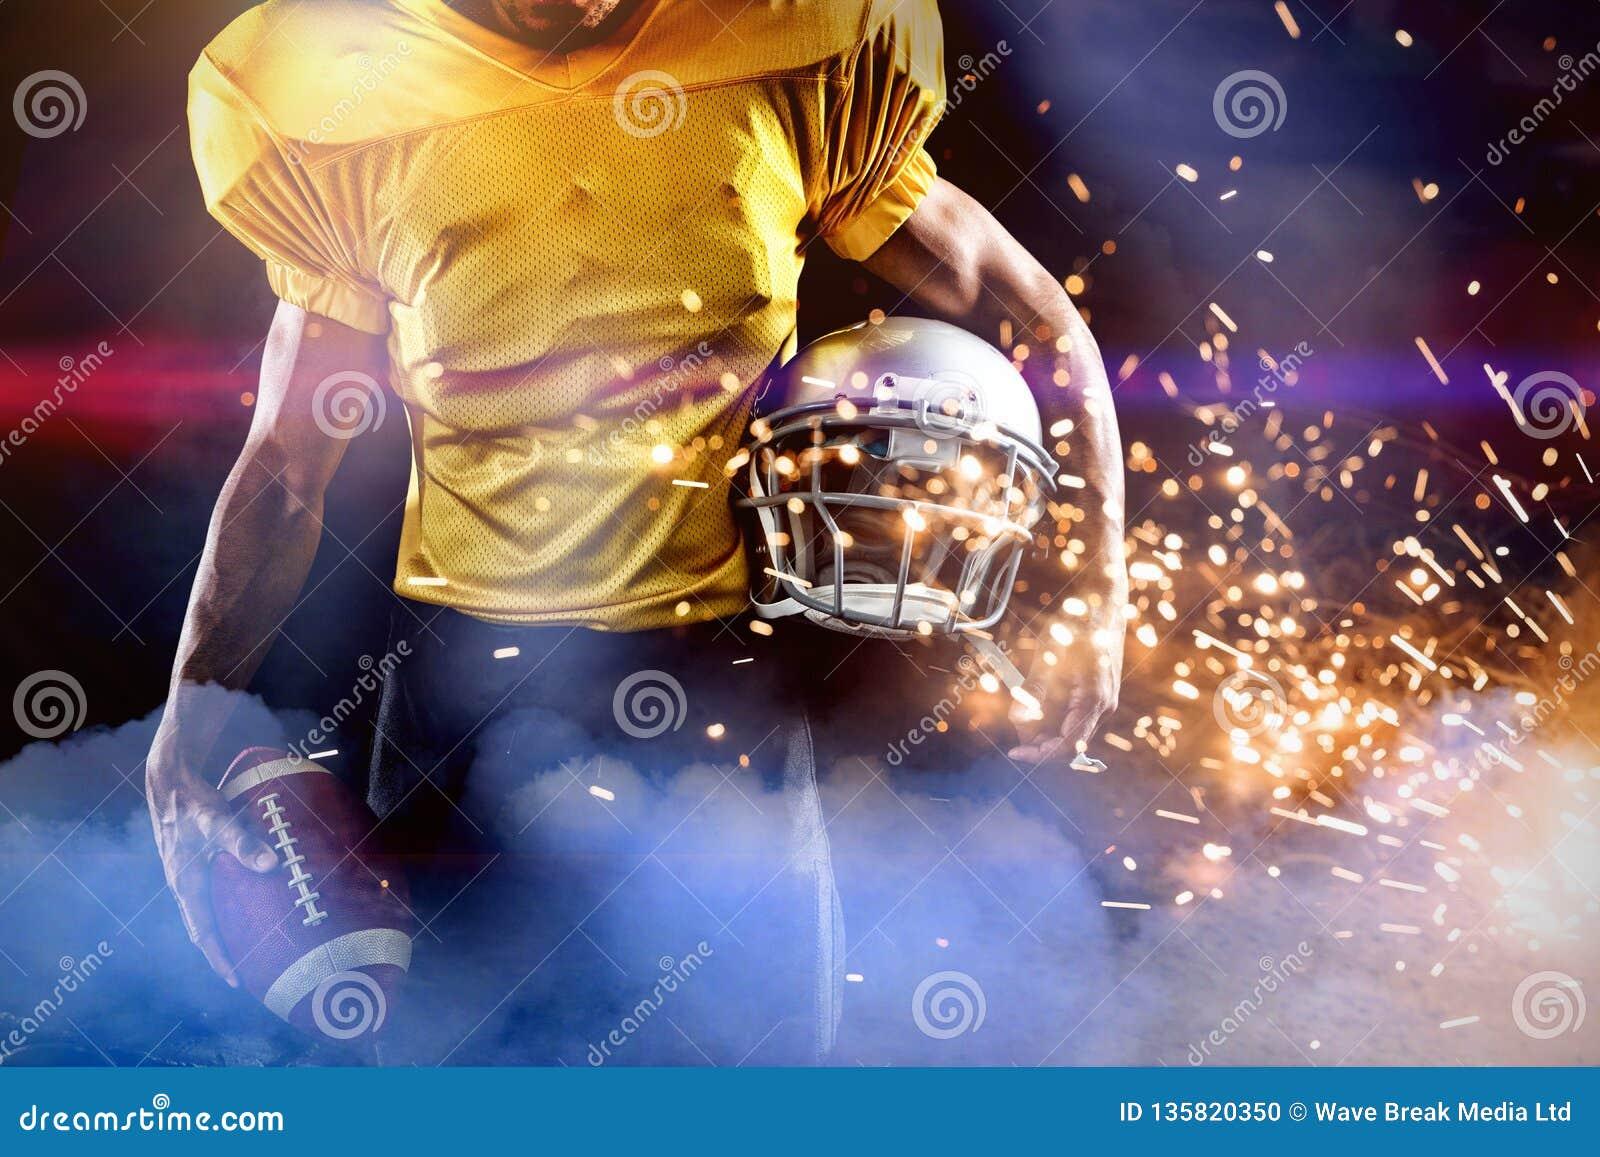 Составное изображение среднего раздела мужского спортсмена с американским футболом и шлемом